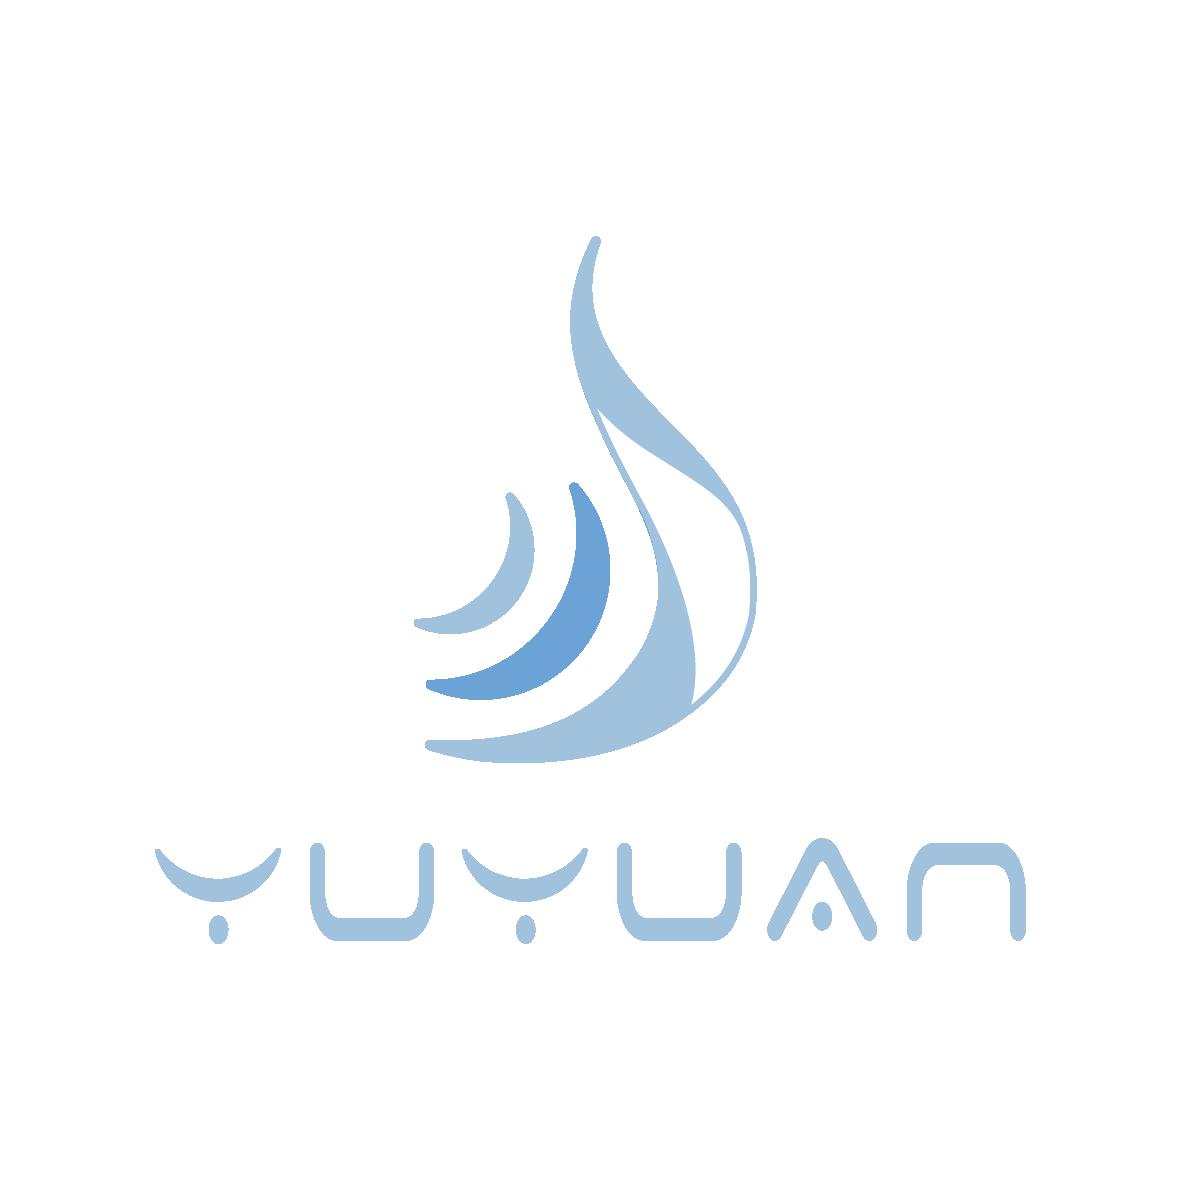 御源淨化科技(YuYuan)-產品實境-2017